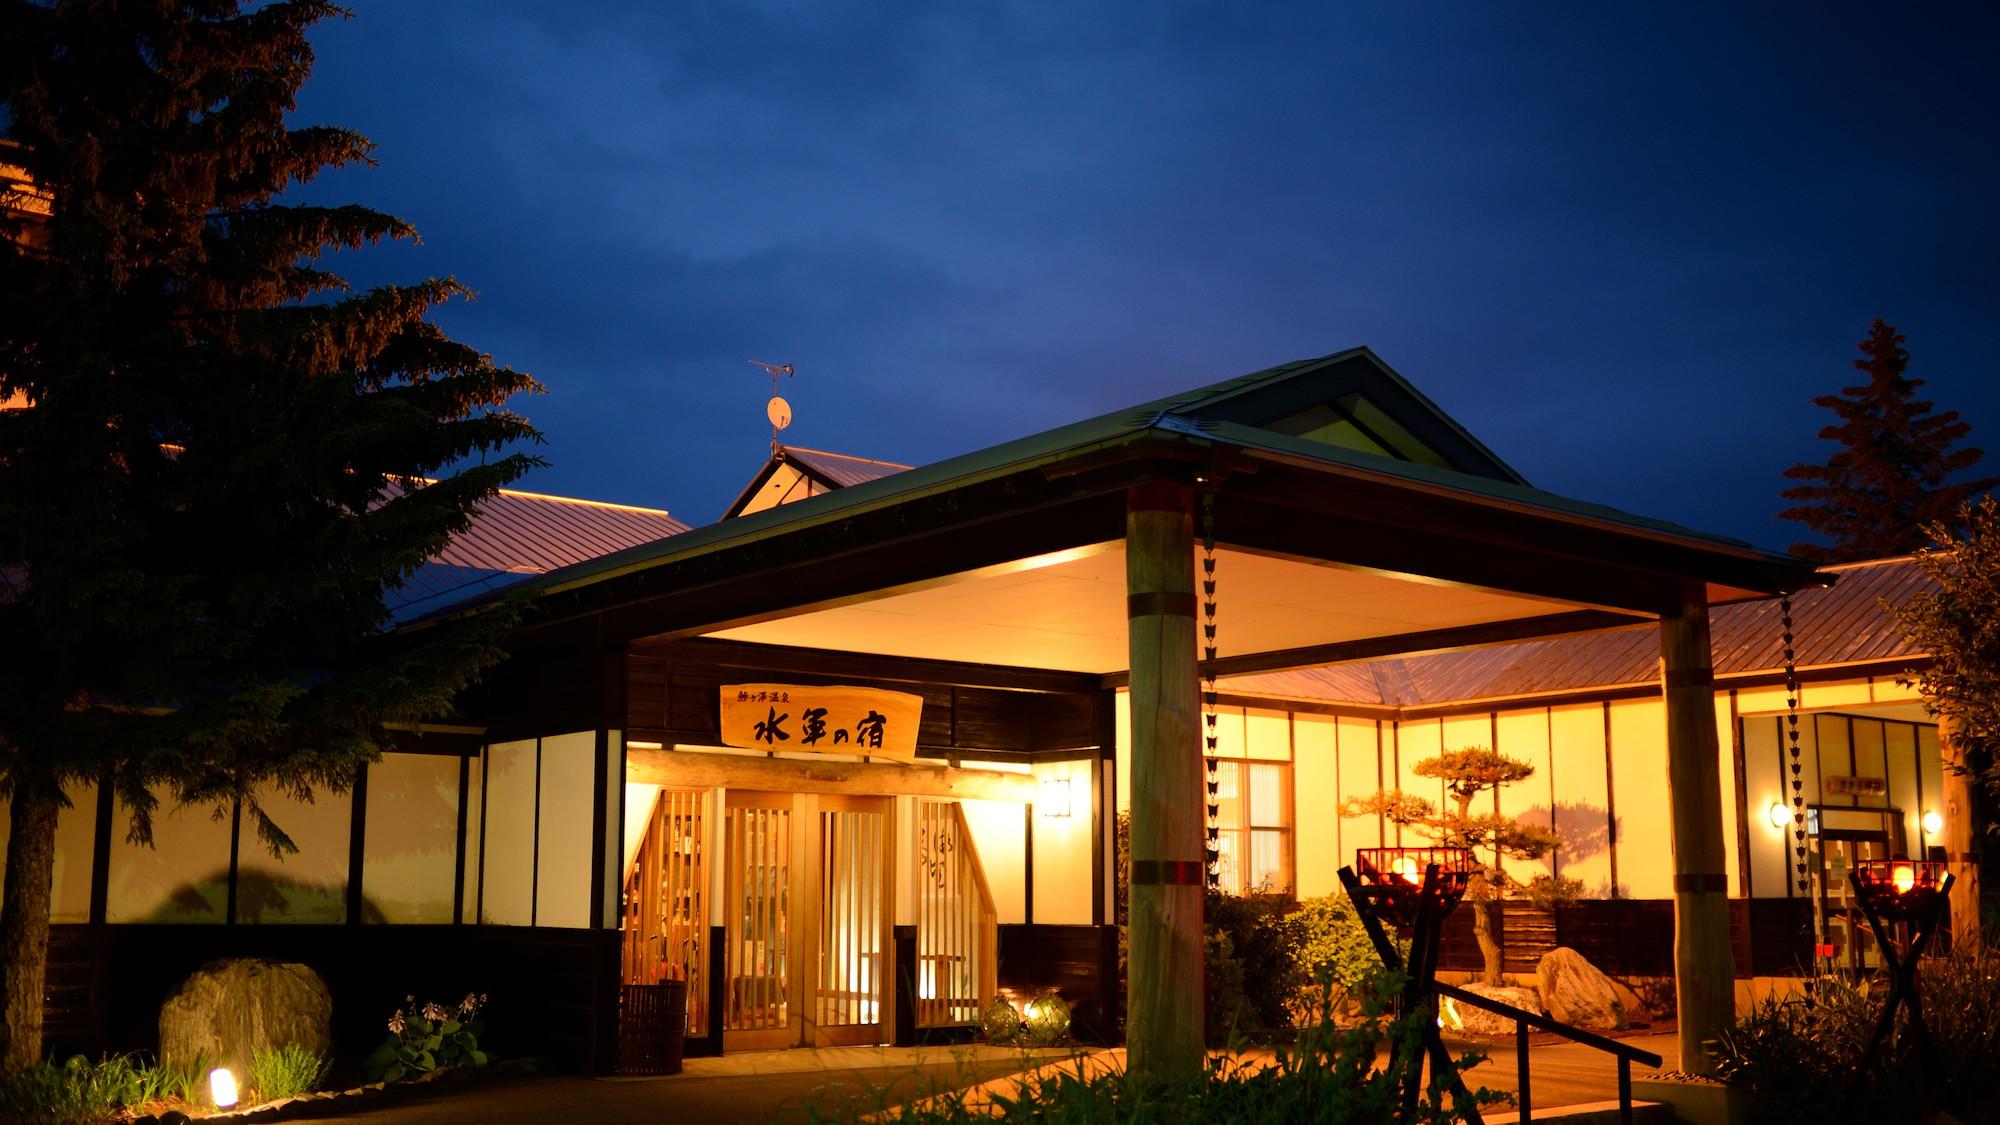 鯵ヶ沢温泉 水軍の宿